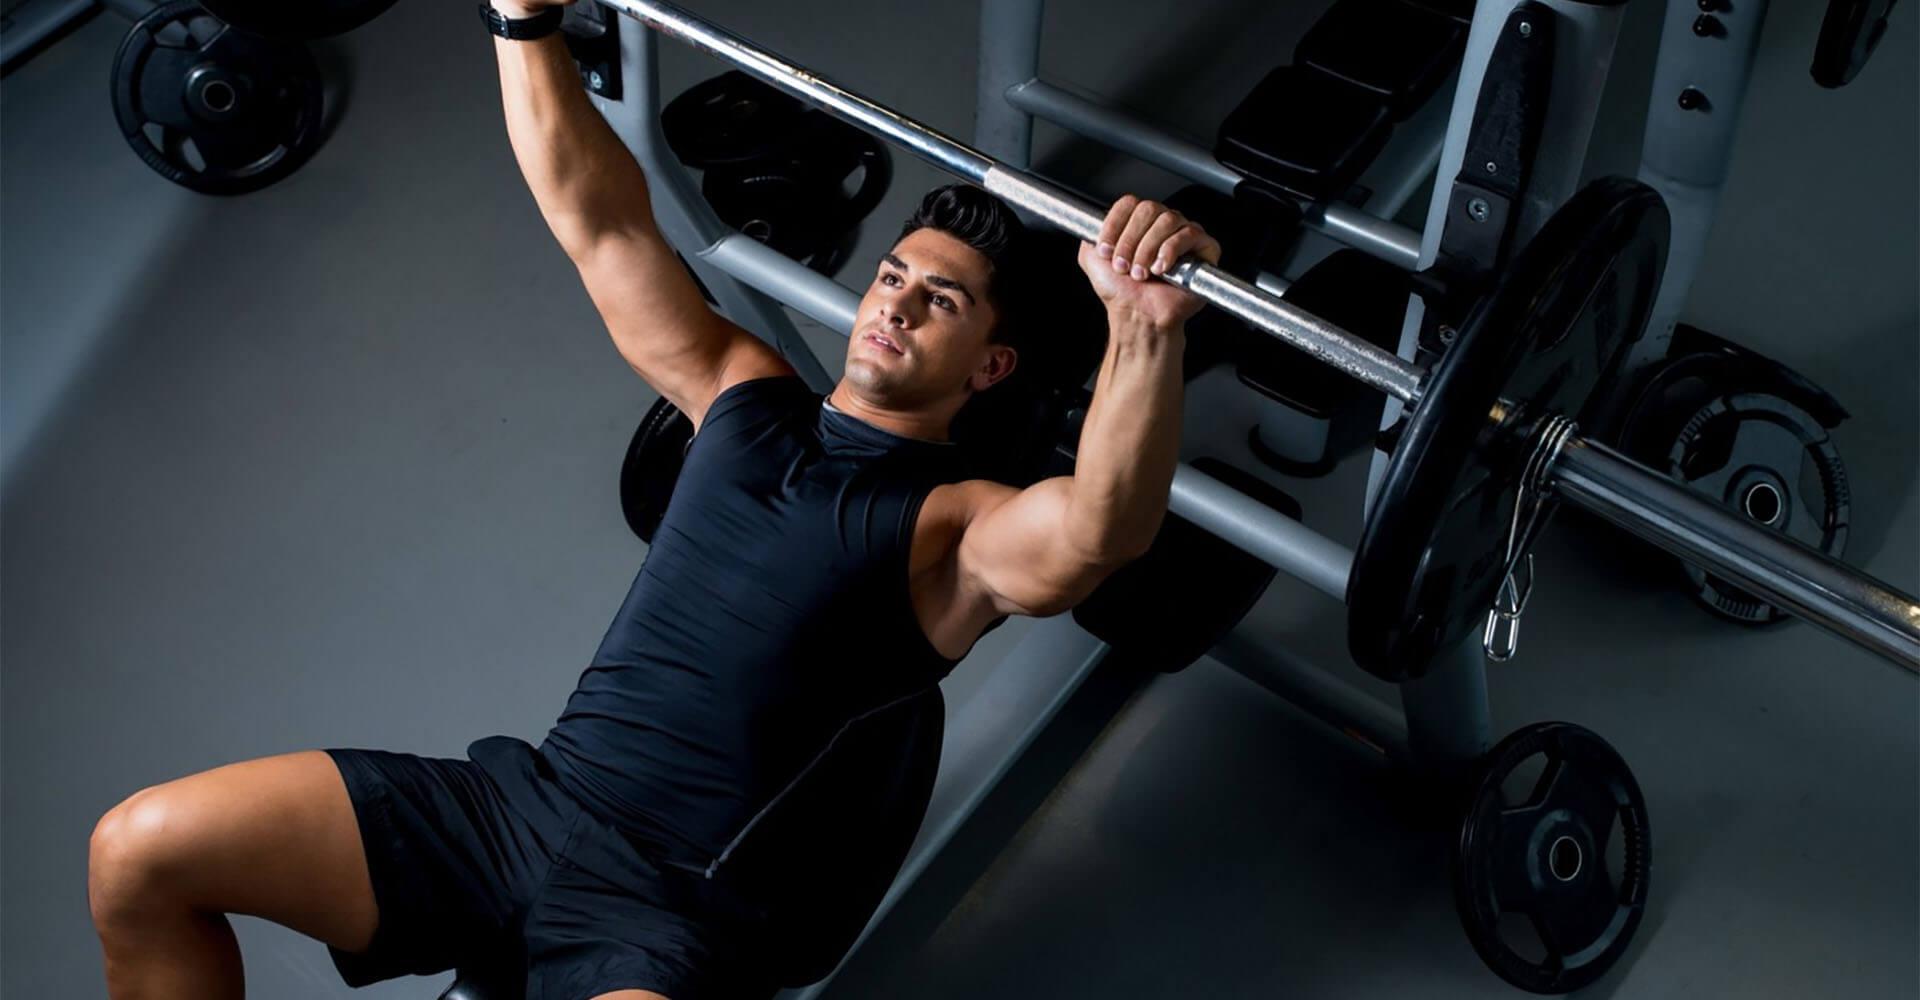 Mann trainiert an Fitnessgerät mit Langhantel